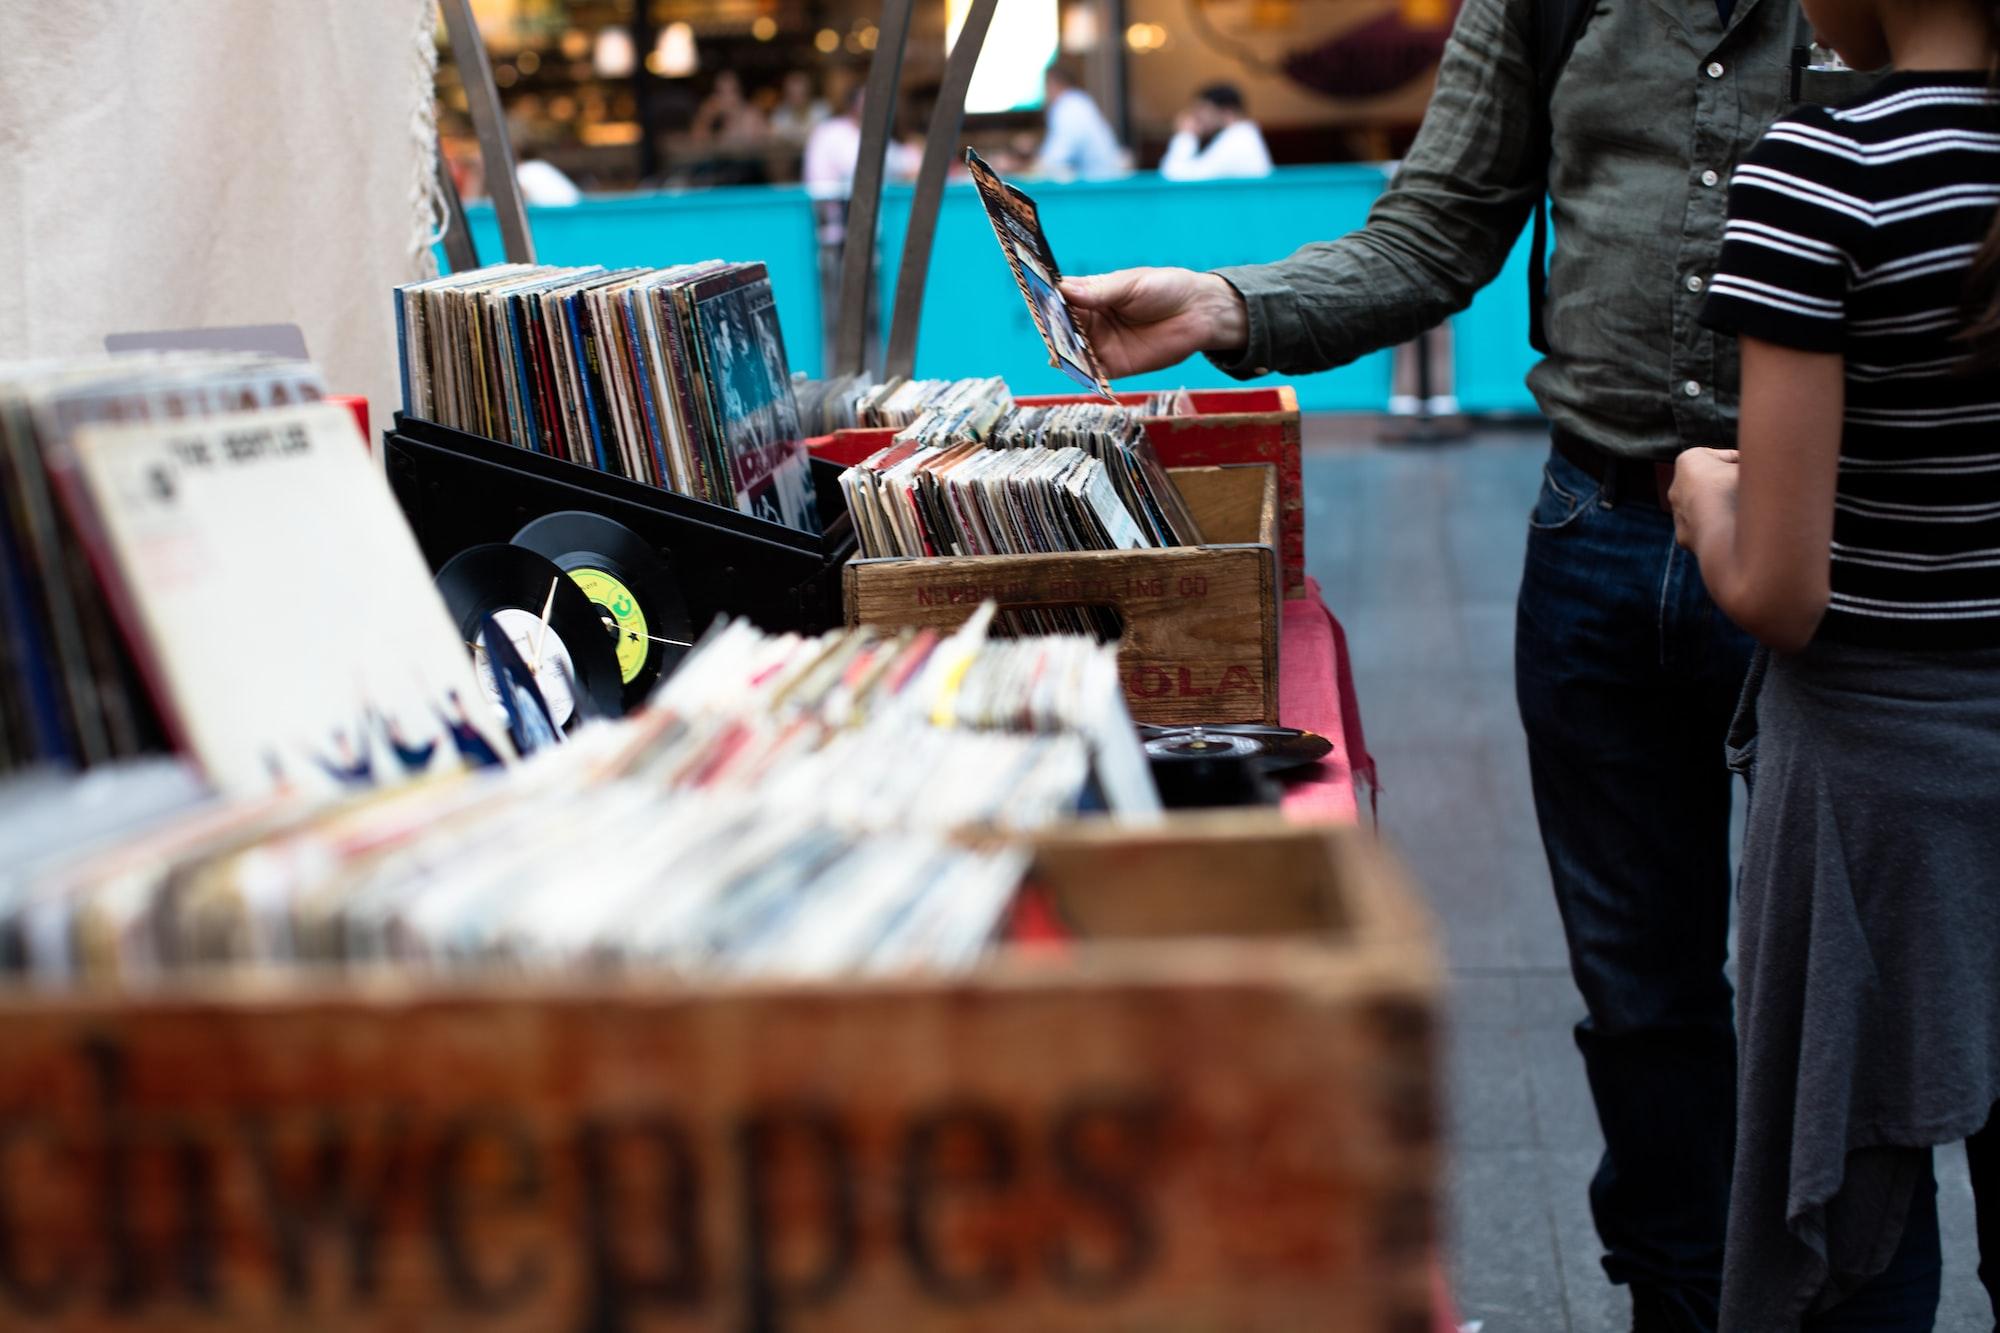 Browsing vinyl music at a fair